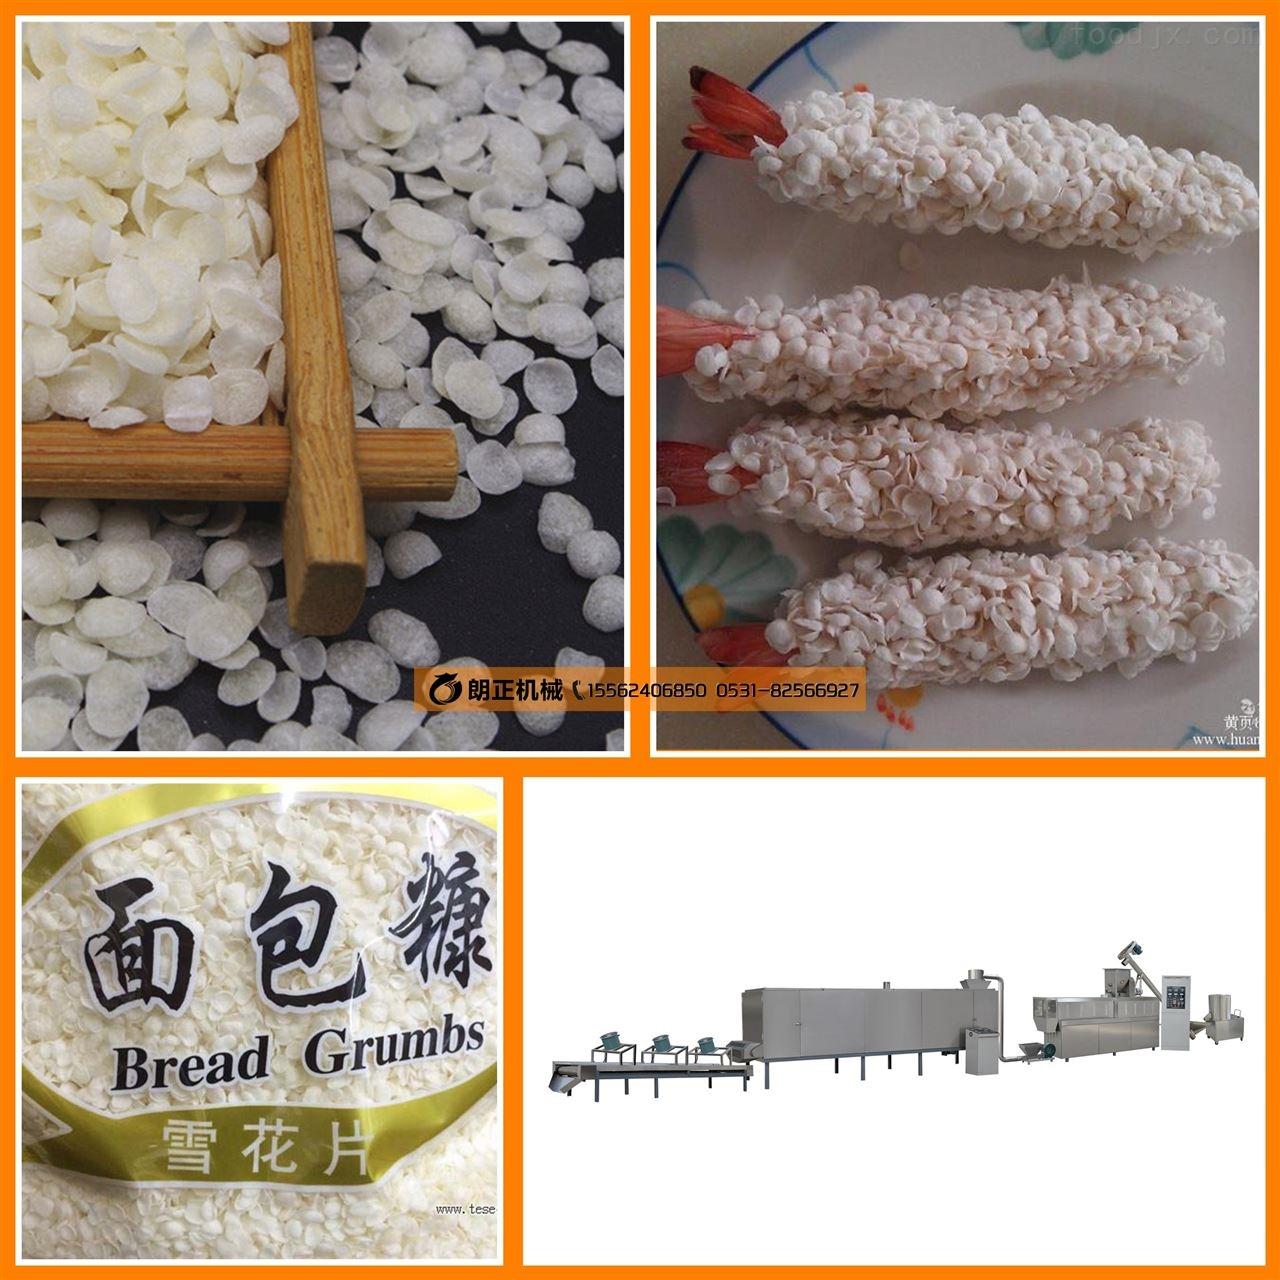 全自动针状屑面包糠生产线设备